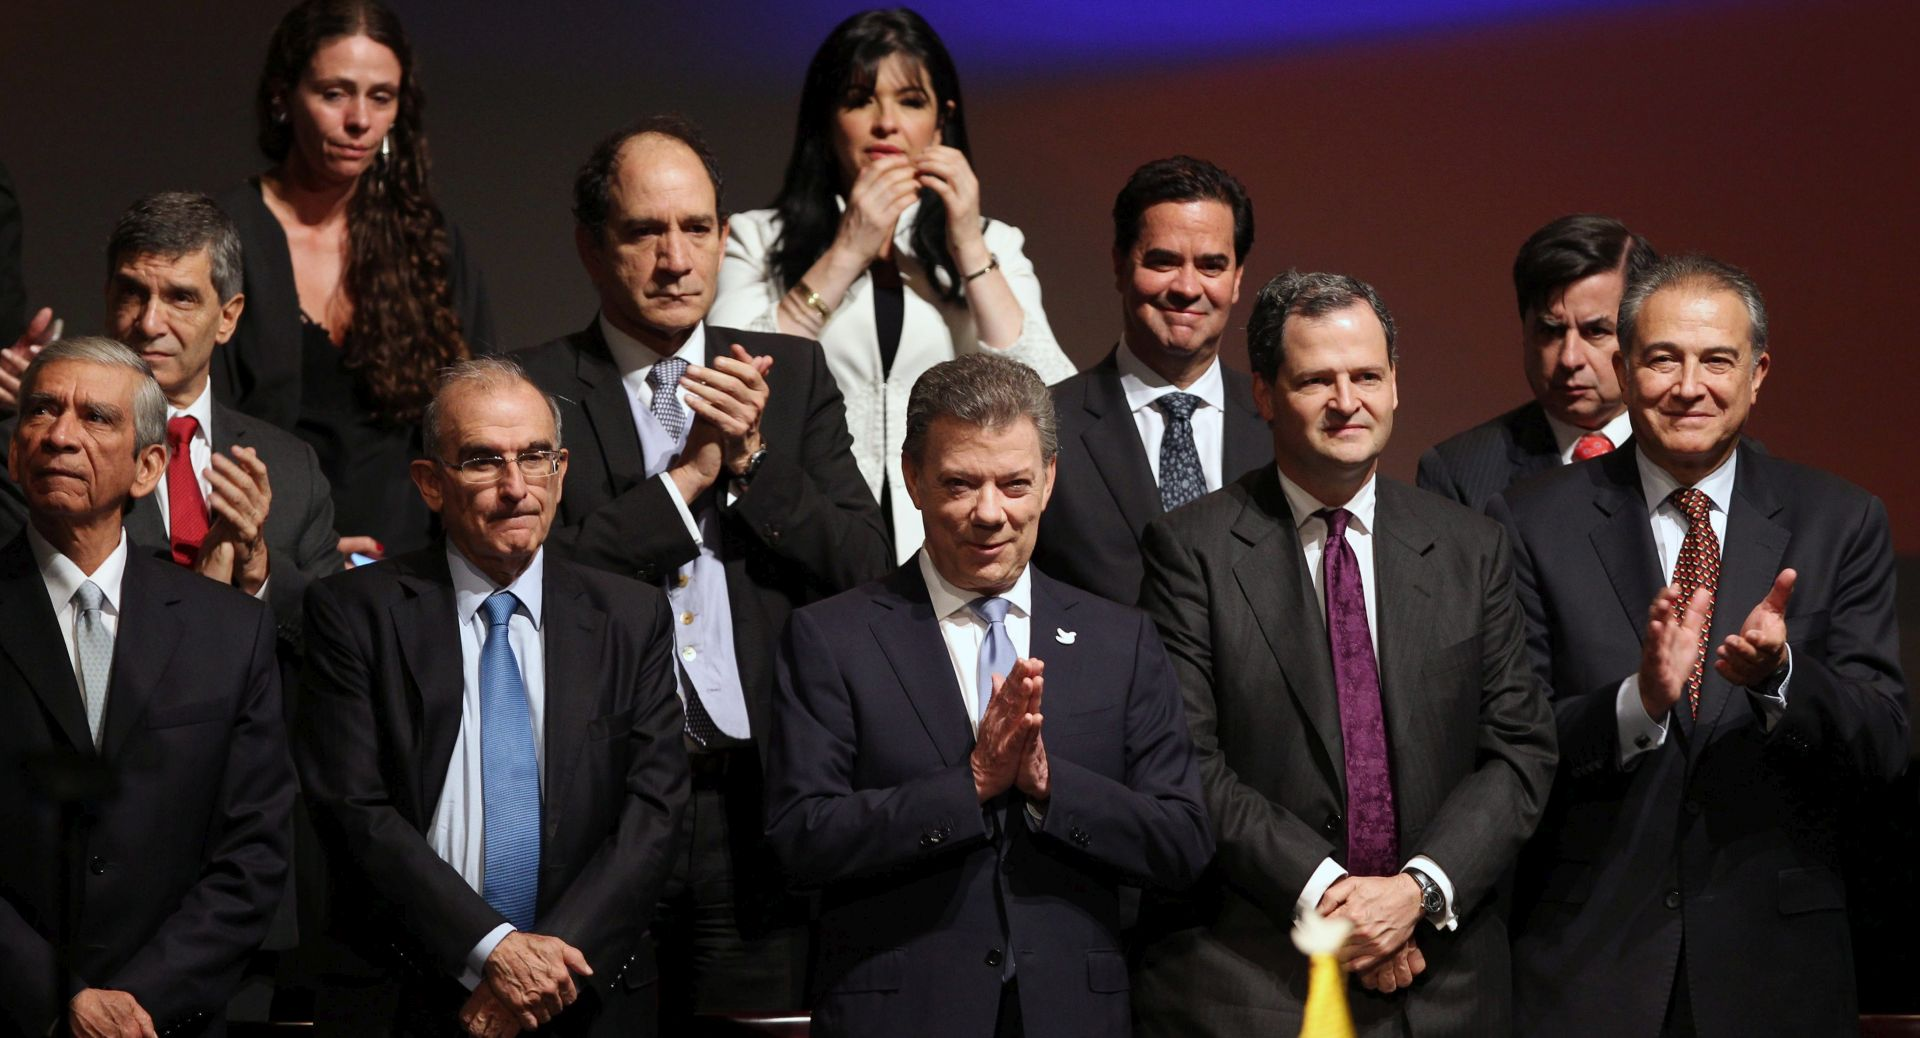 ZAVRŠETAK SUKOBA? Mirovni pregovori kolumbijske vlade i gerilskog ELN-a